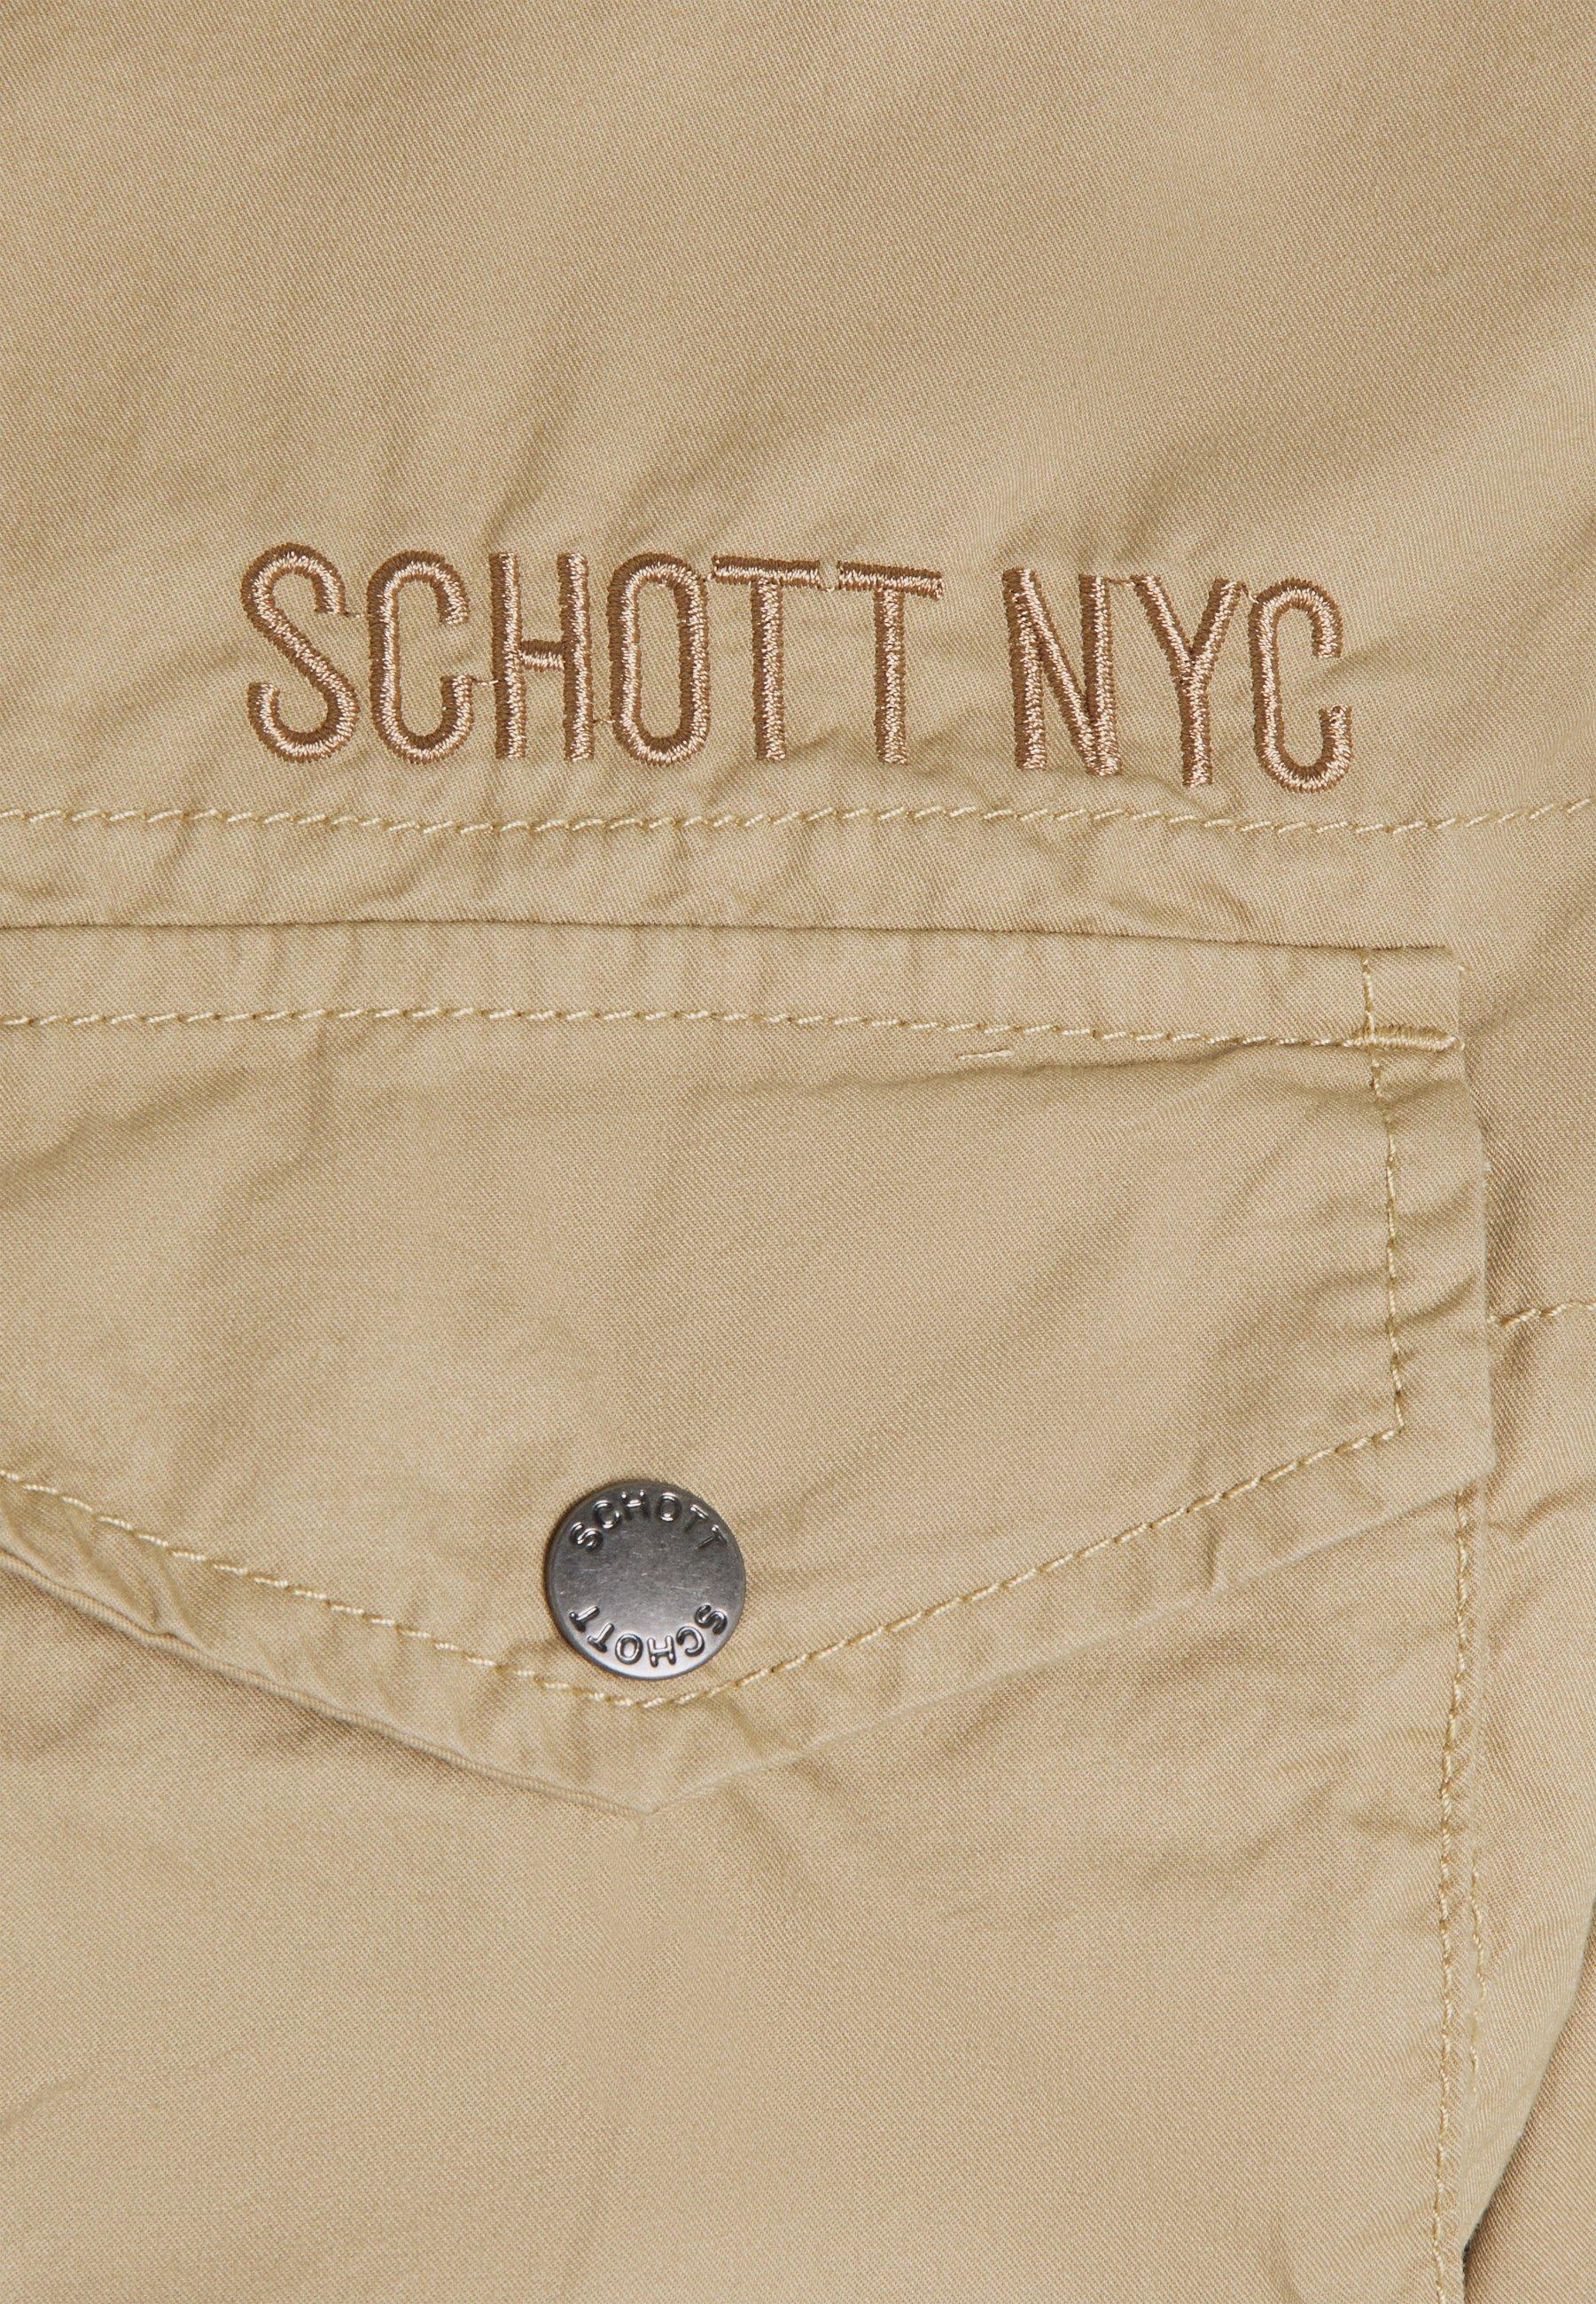 Schott NYC Jackor: Köp upp till −20%   Stylight